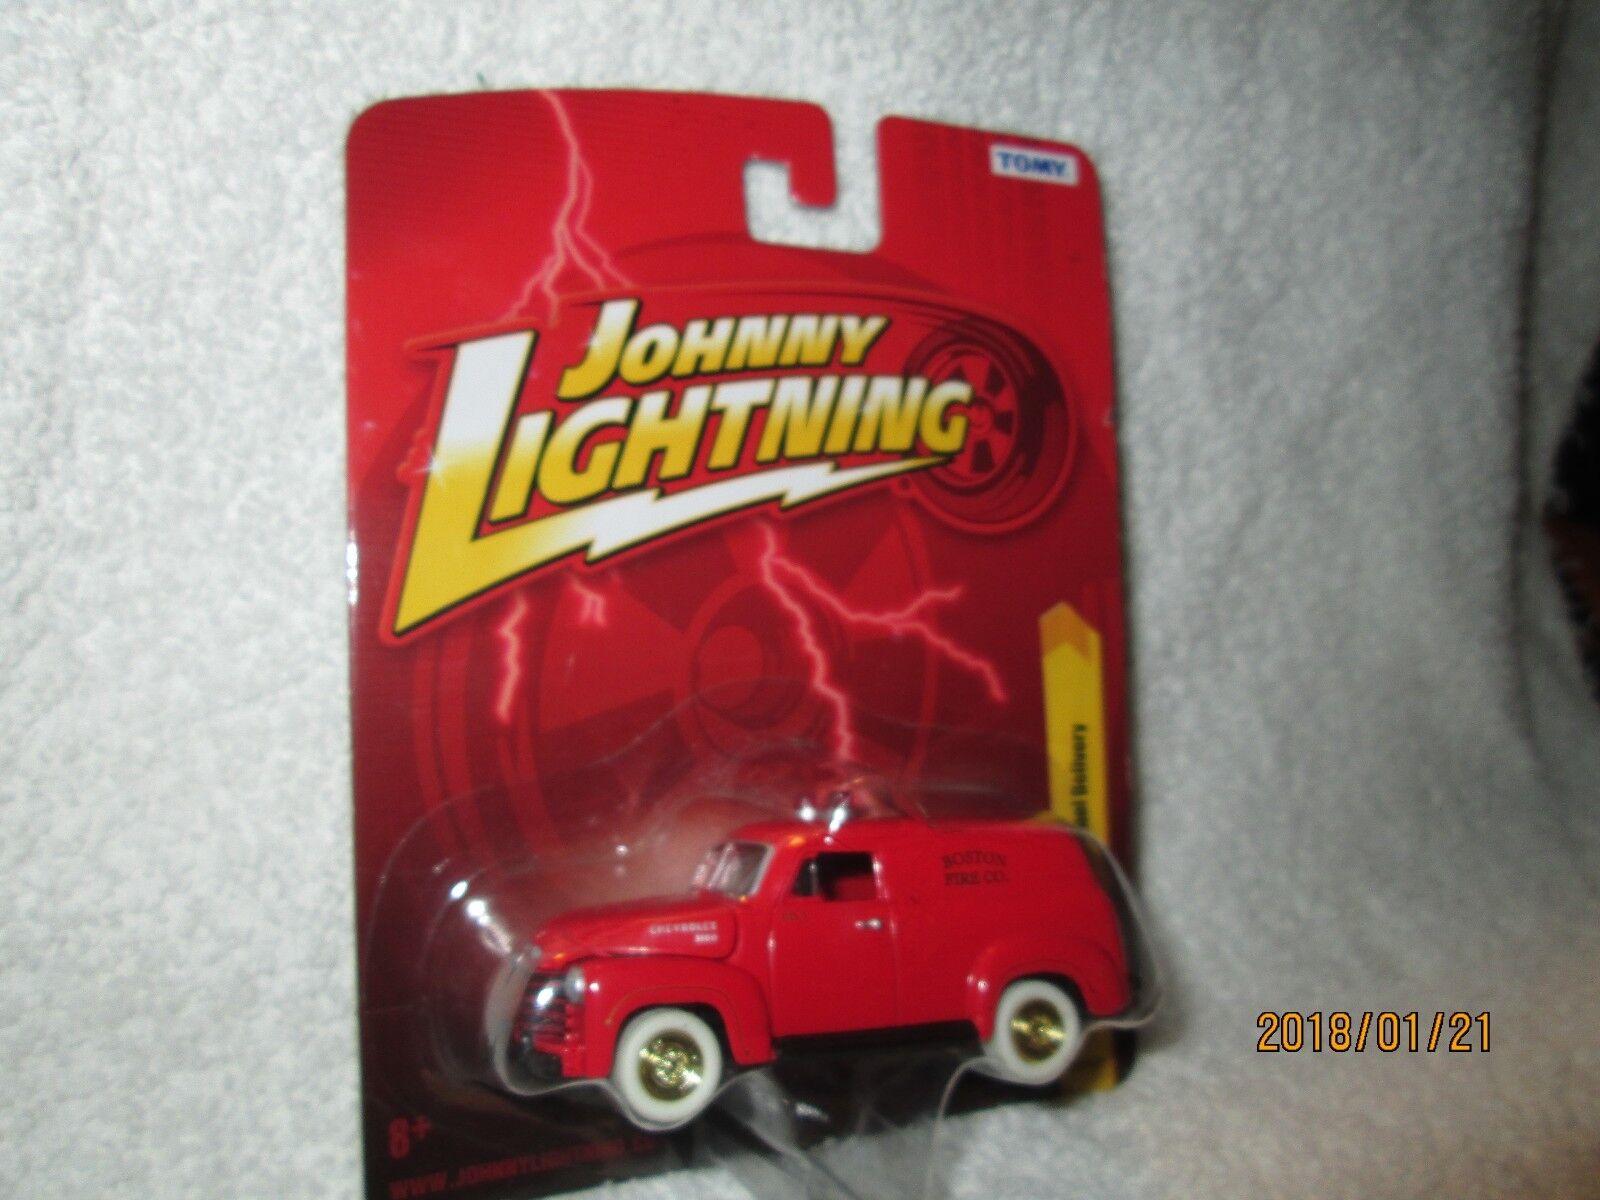 economico 1950 Chevy Pannello Consegna Camion Inseguimento Inseguimento Inseguimento 1 64 Johnny Fulmini oro Ruota  autentico online